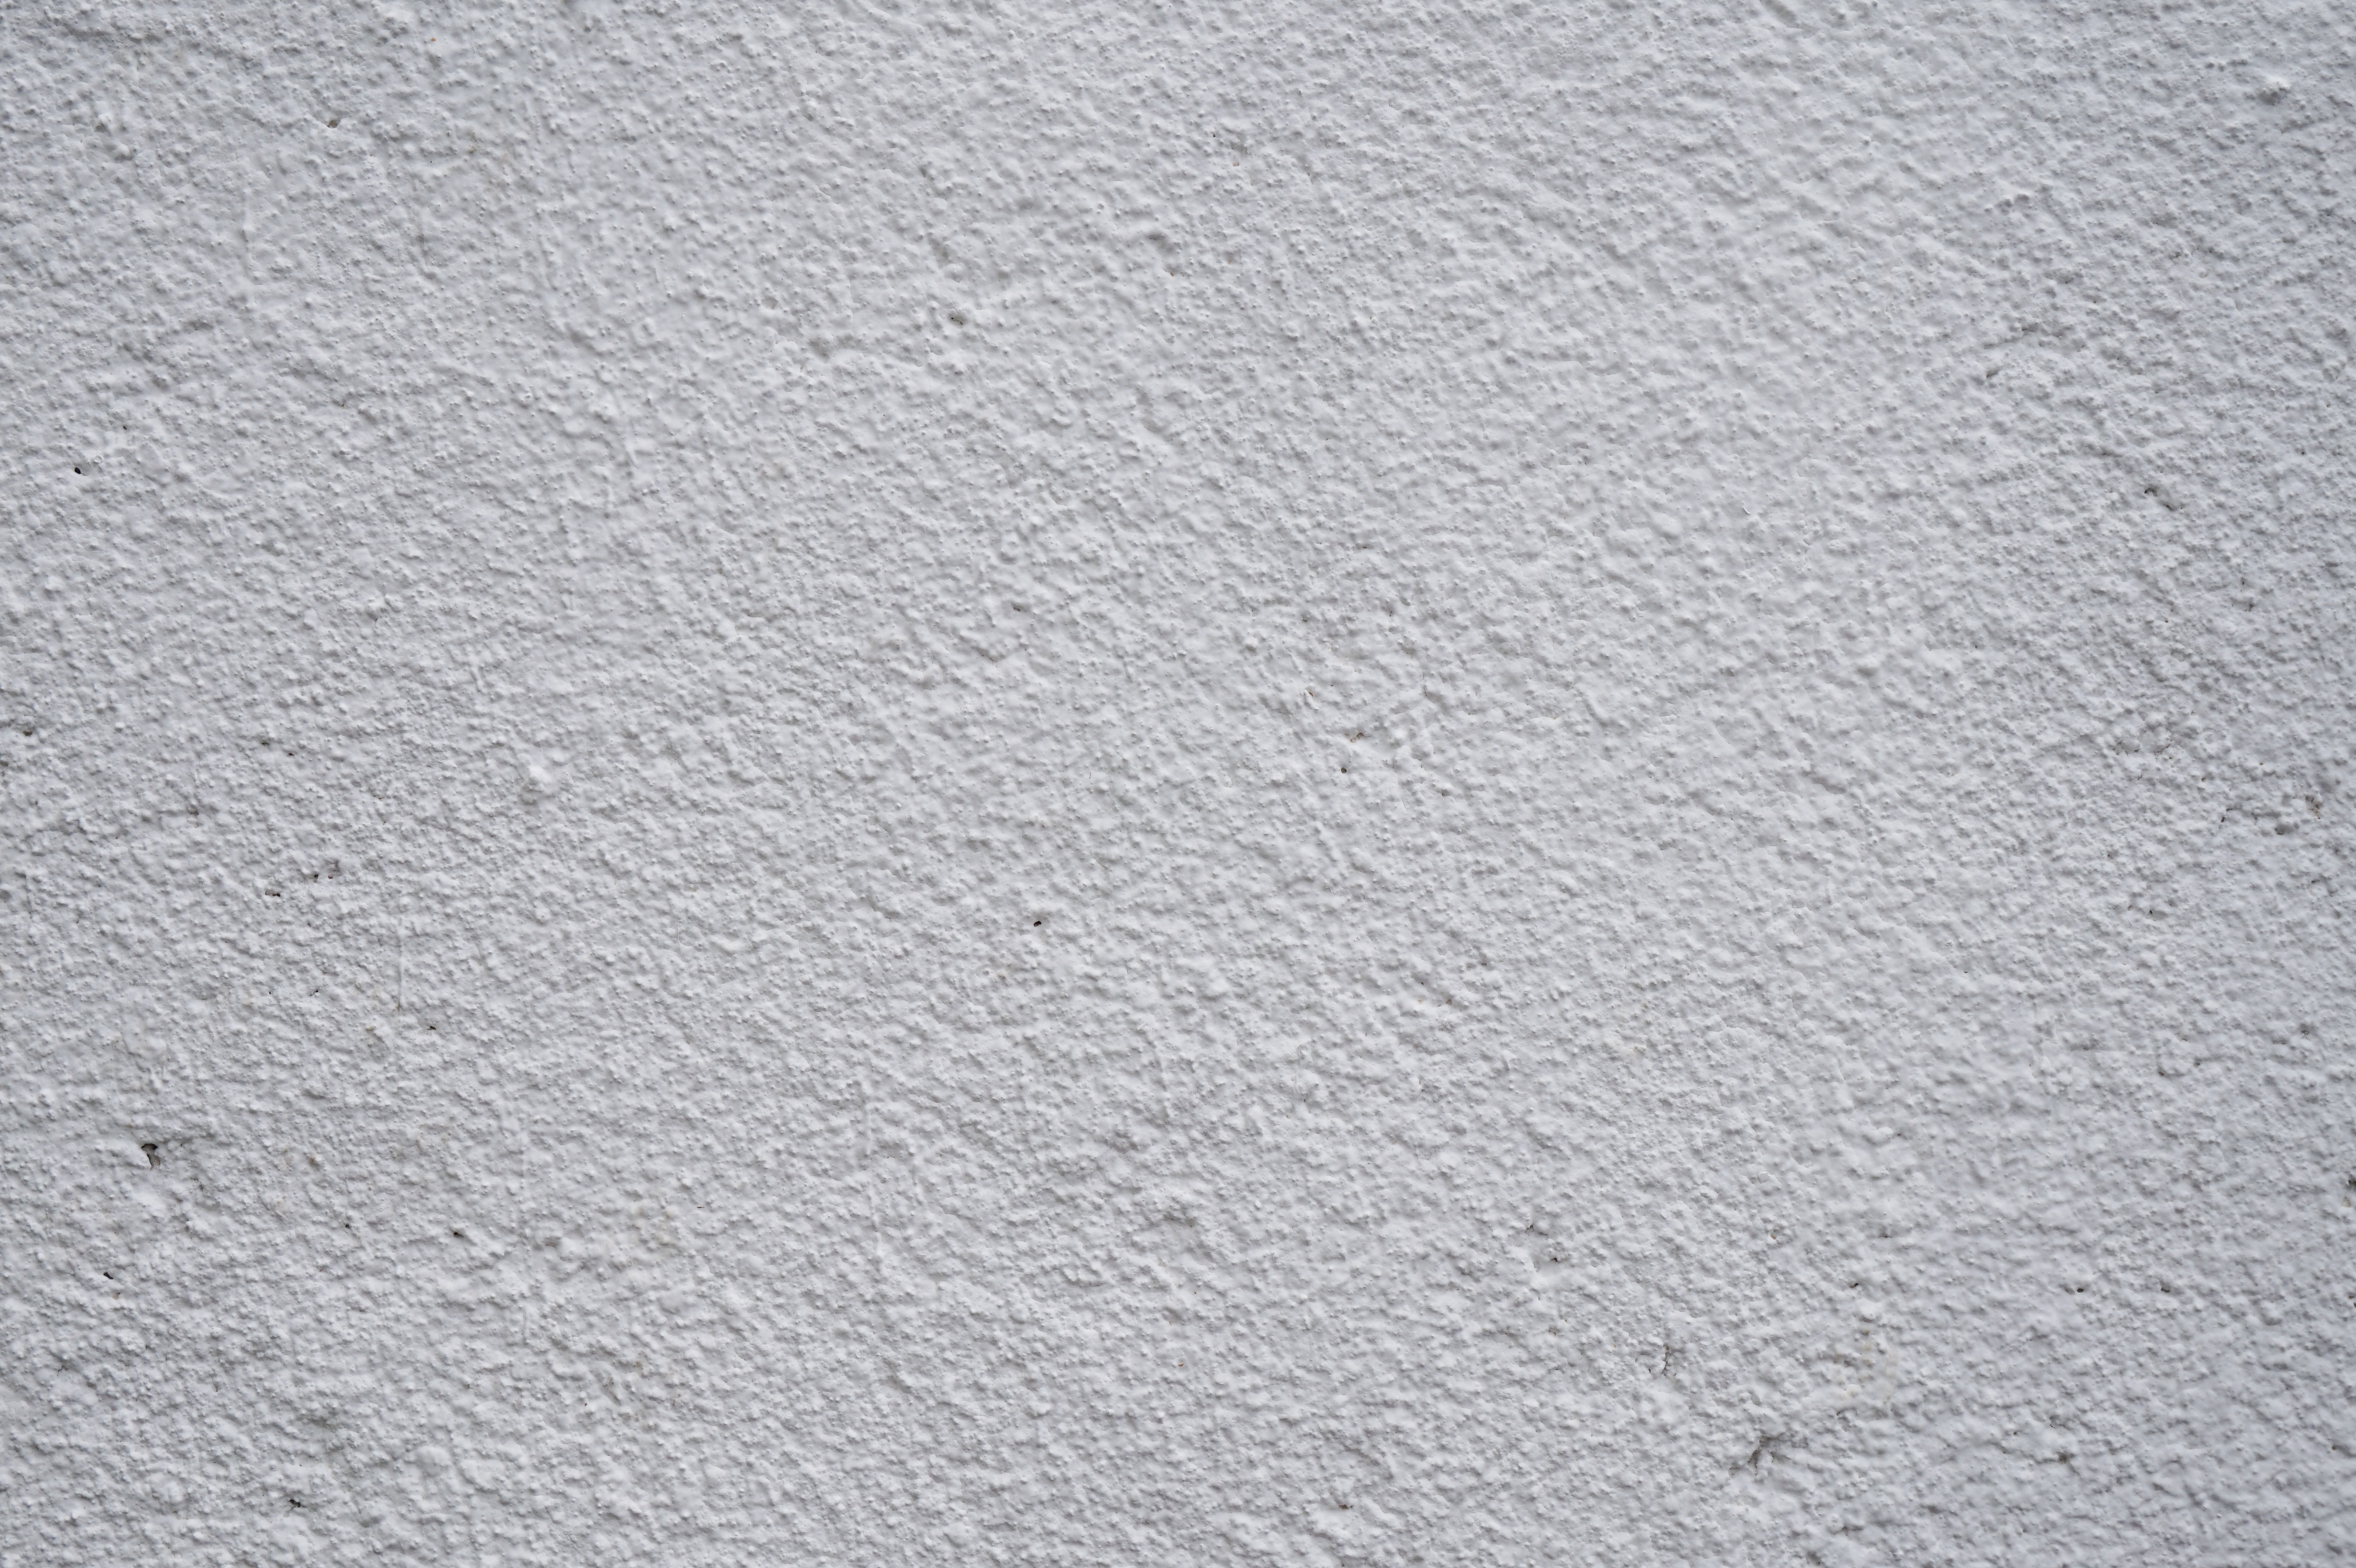 White Plaster Wall 02 Concrete Texturify Free Textures